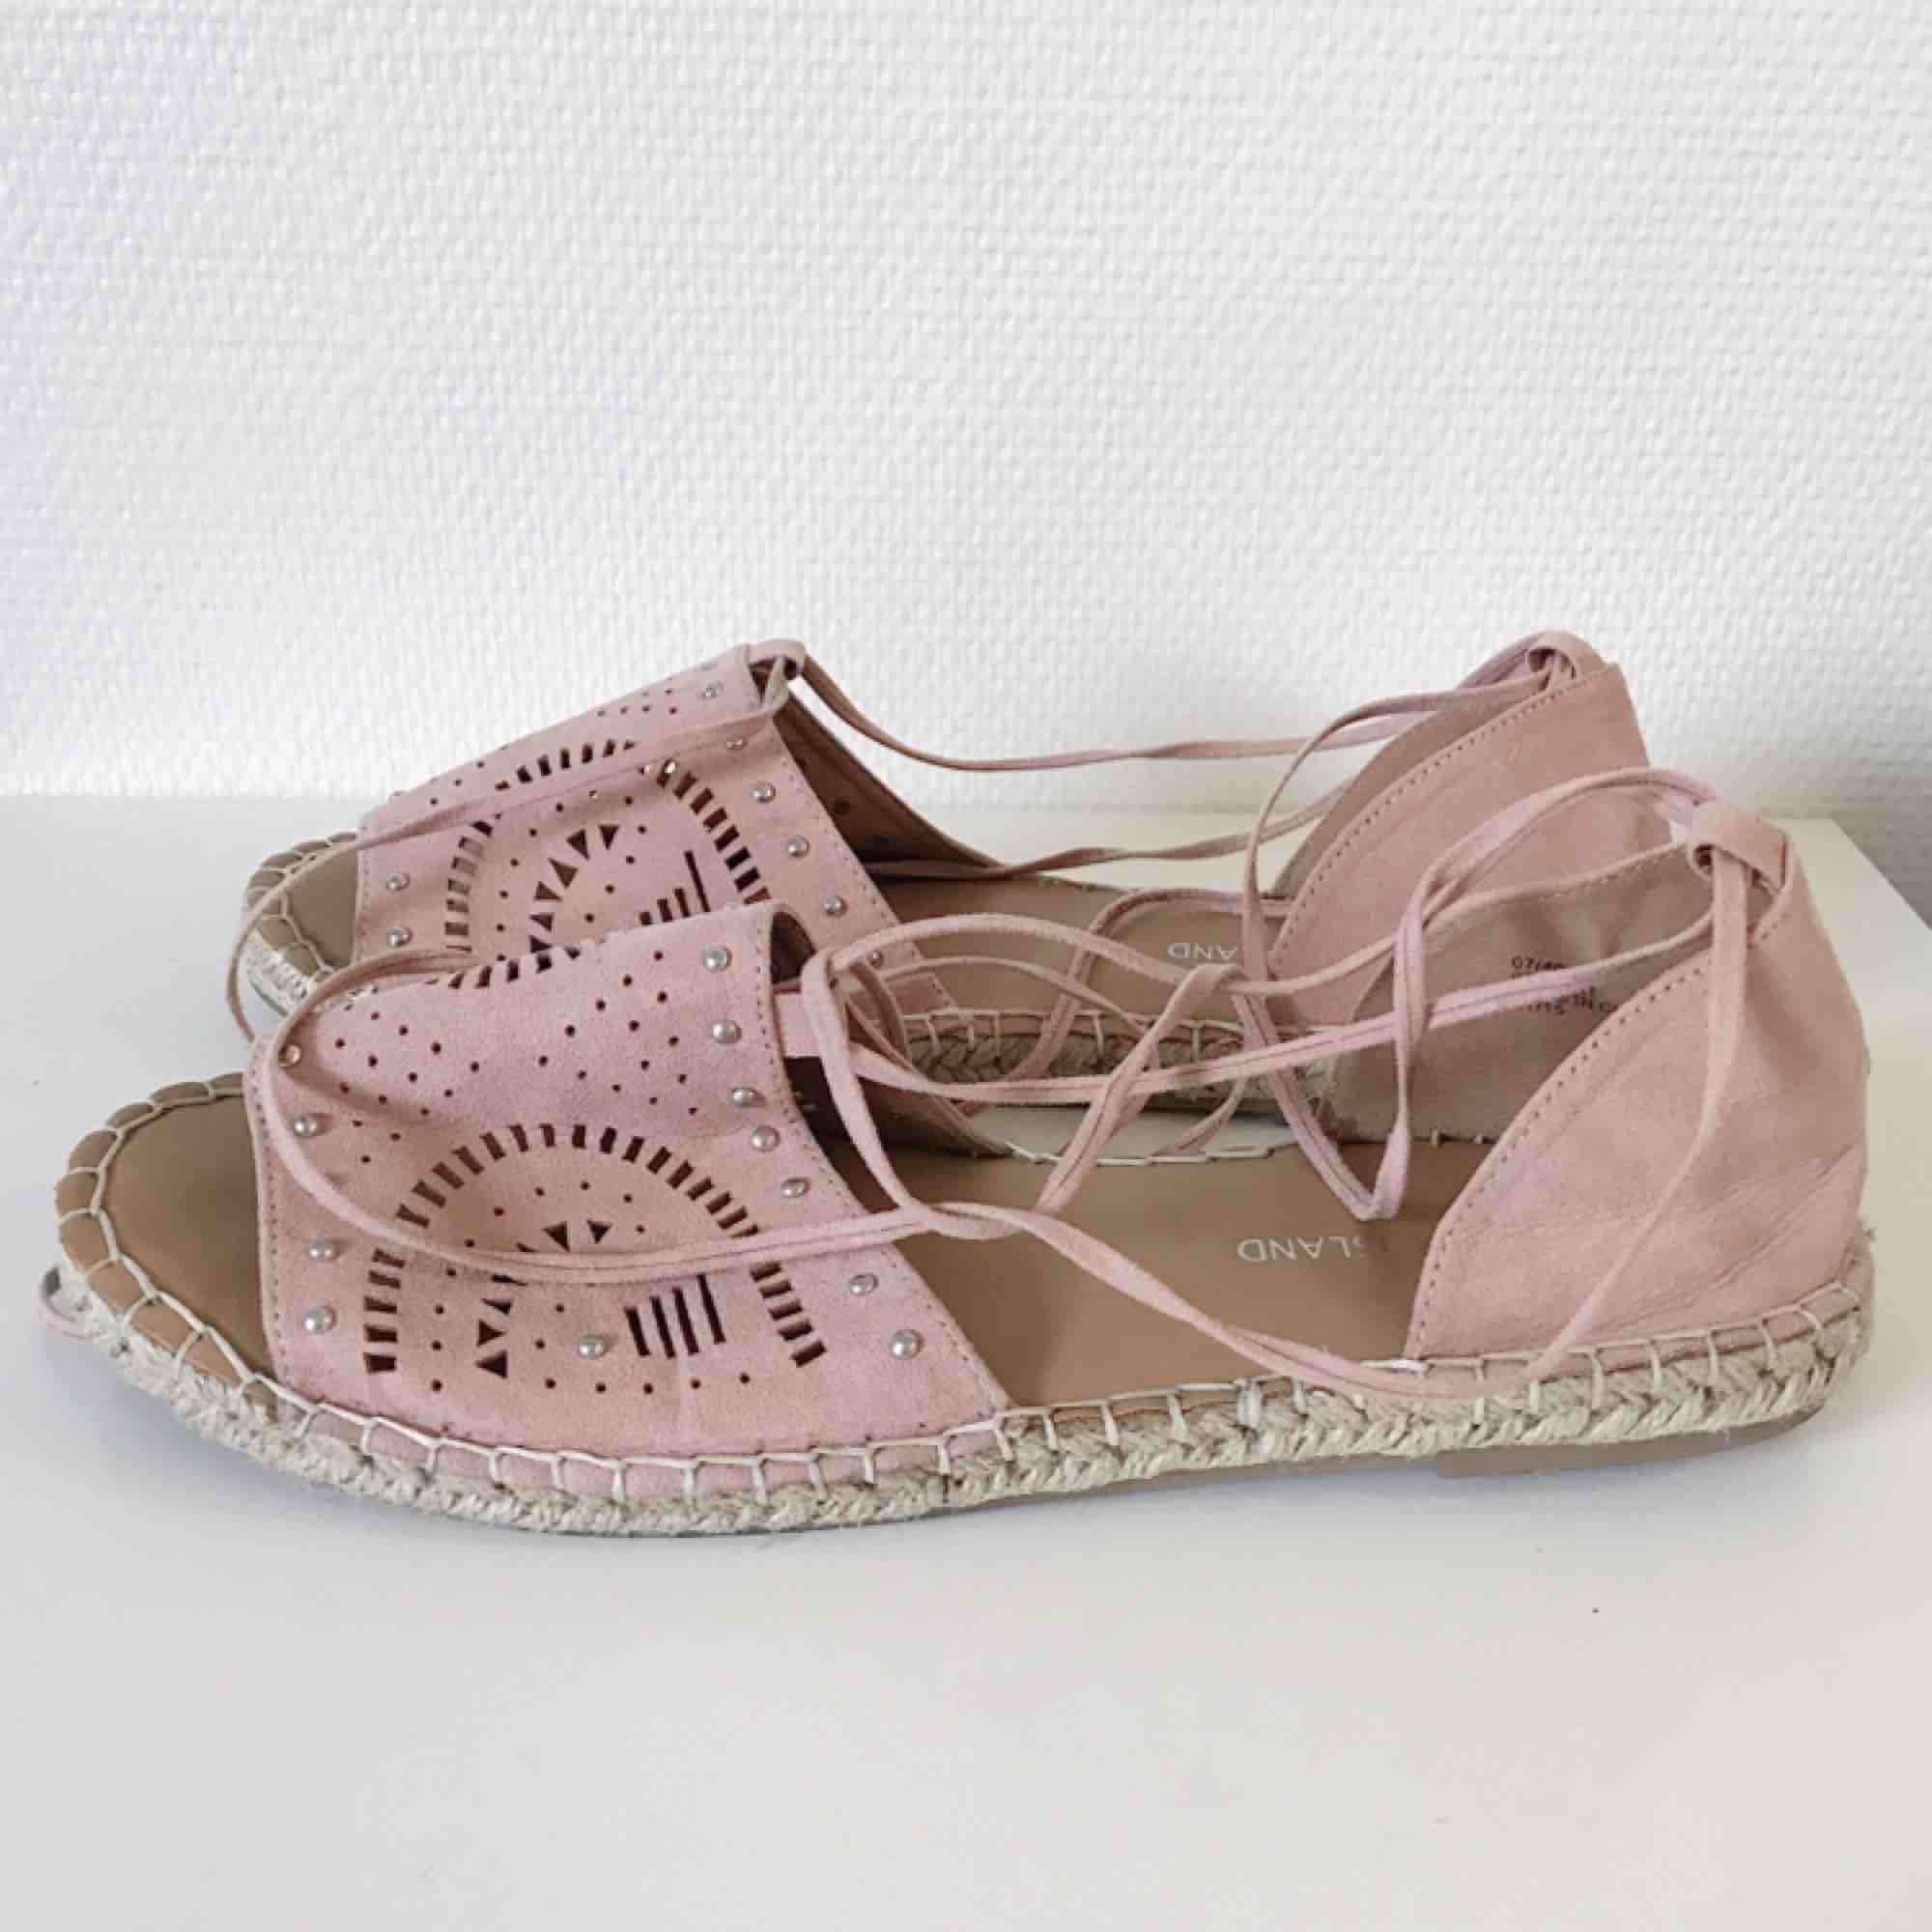 5f1a14661a5 Supersnygga sandaler i oanvänt skick från River Island. Sköna och grymma  för de svalare dagarna ...